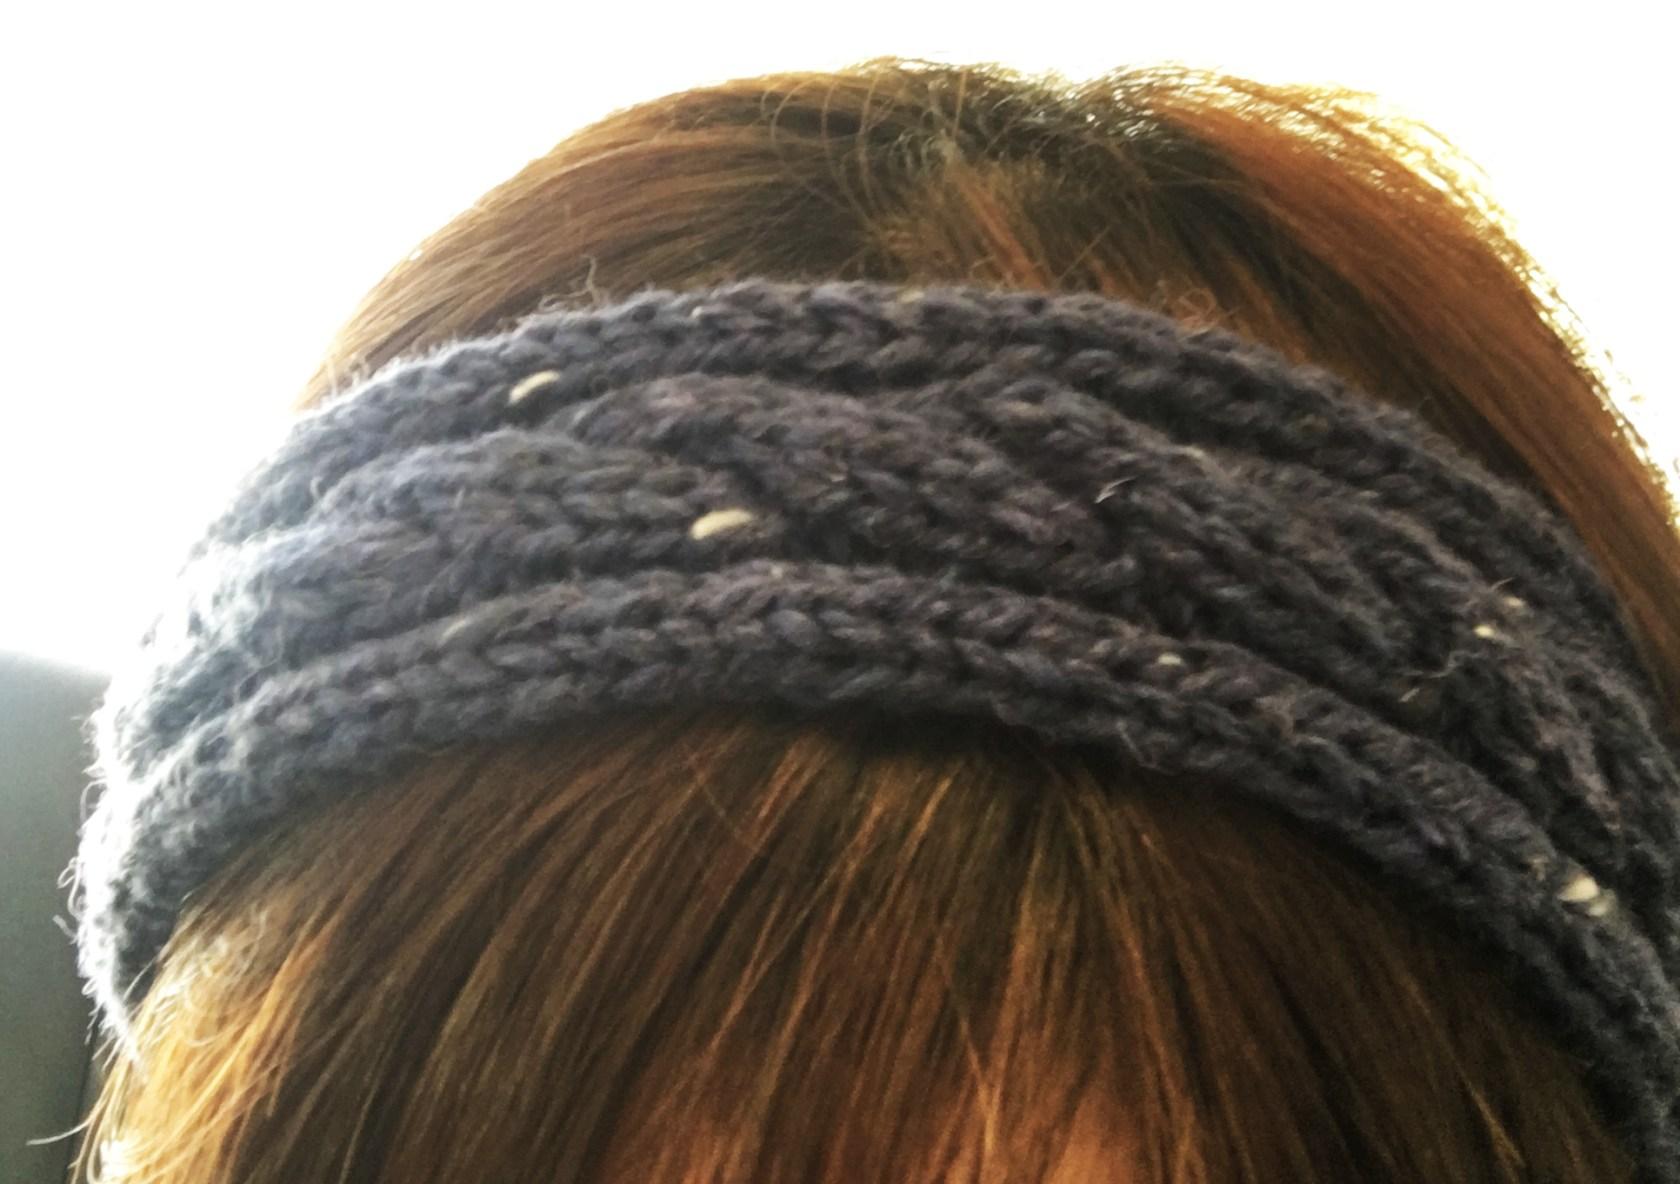 【DAISO毛糸】ケーブル編みニットヘアバンドを編んでみたお話【フリー編み図あり】